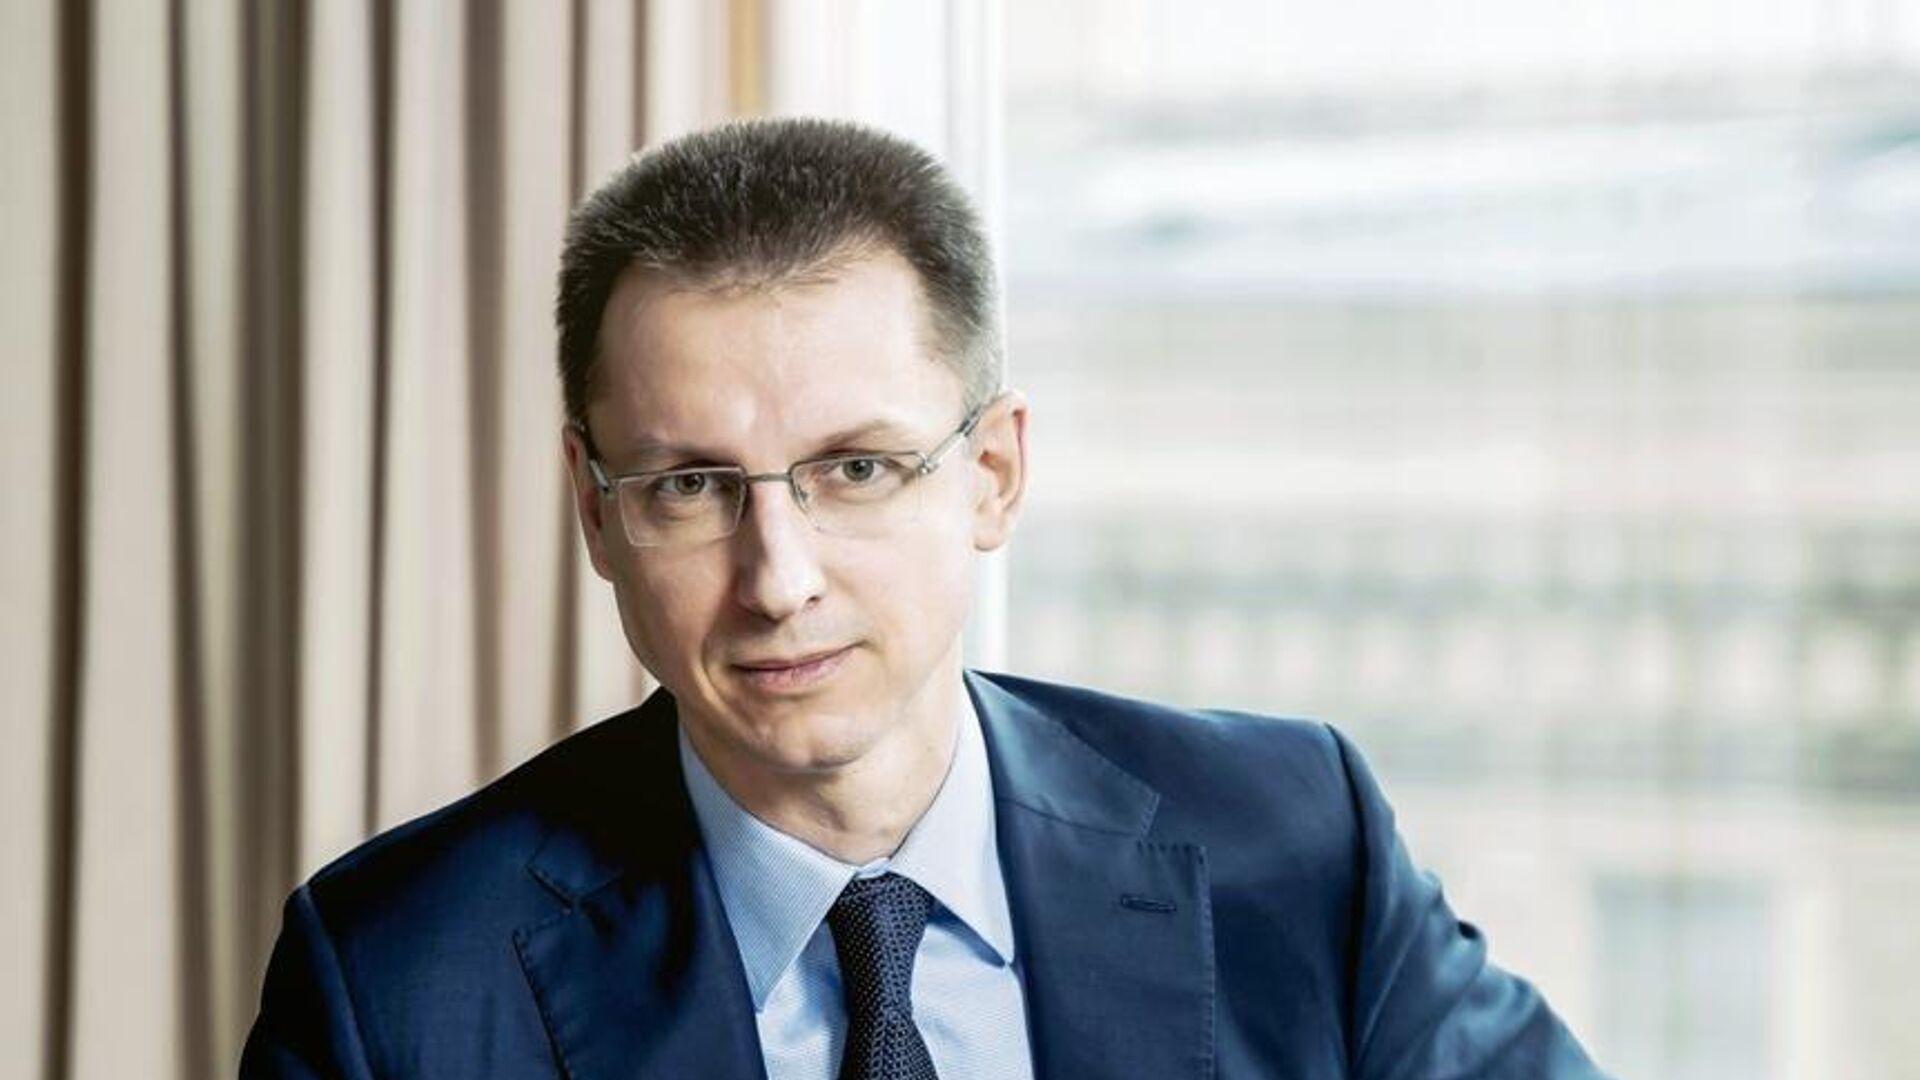 Генеральный директор ФПК Петр Иванов - РИА Новости, 1920, 30.11.2020